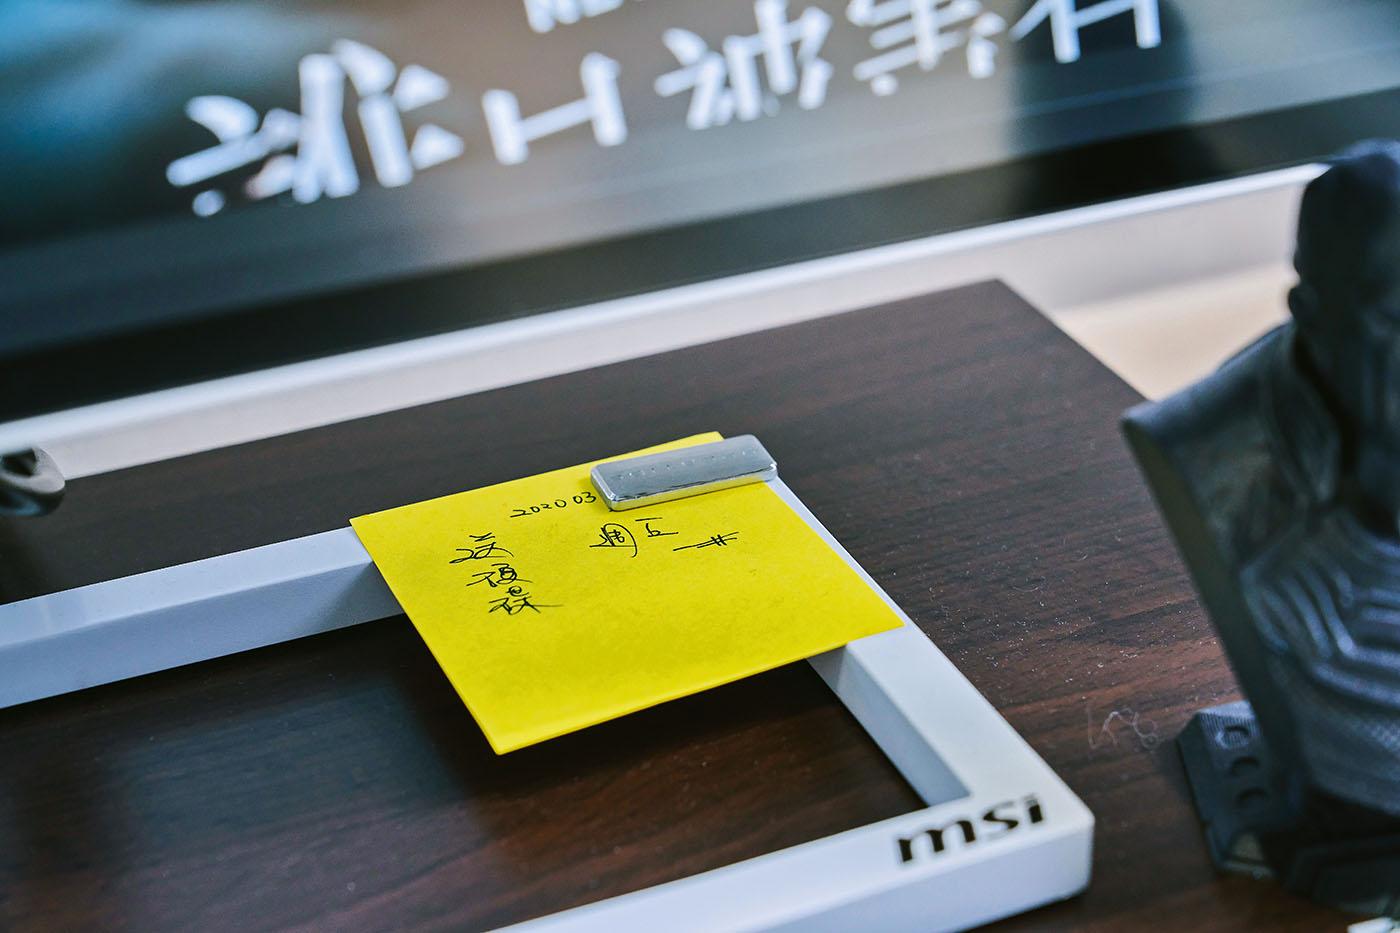 PS314WU 的底座巧妙整合了磁吸式�計,能快速固定工作上需要的便條紙或草圖。